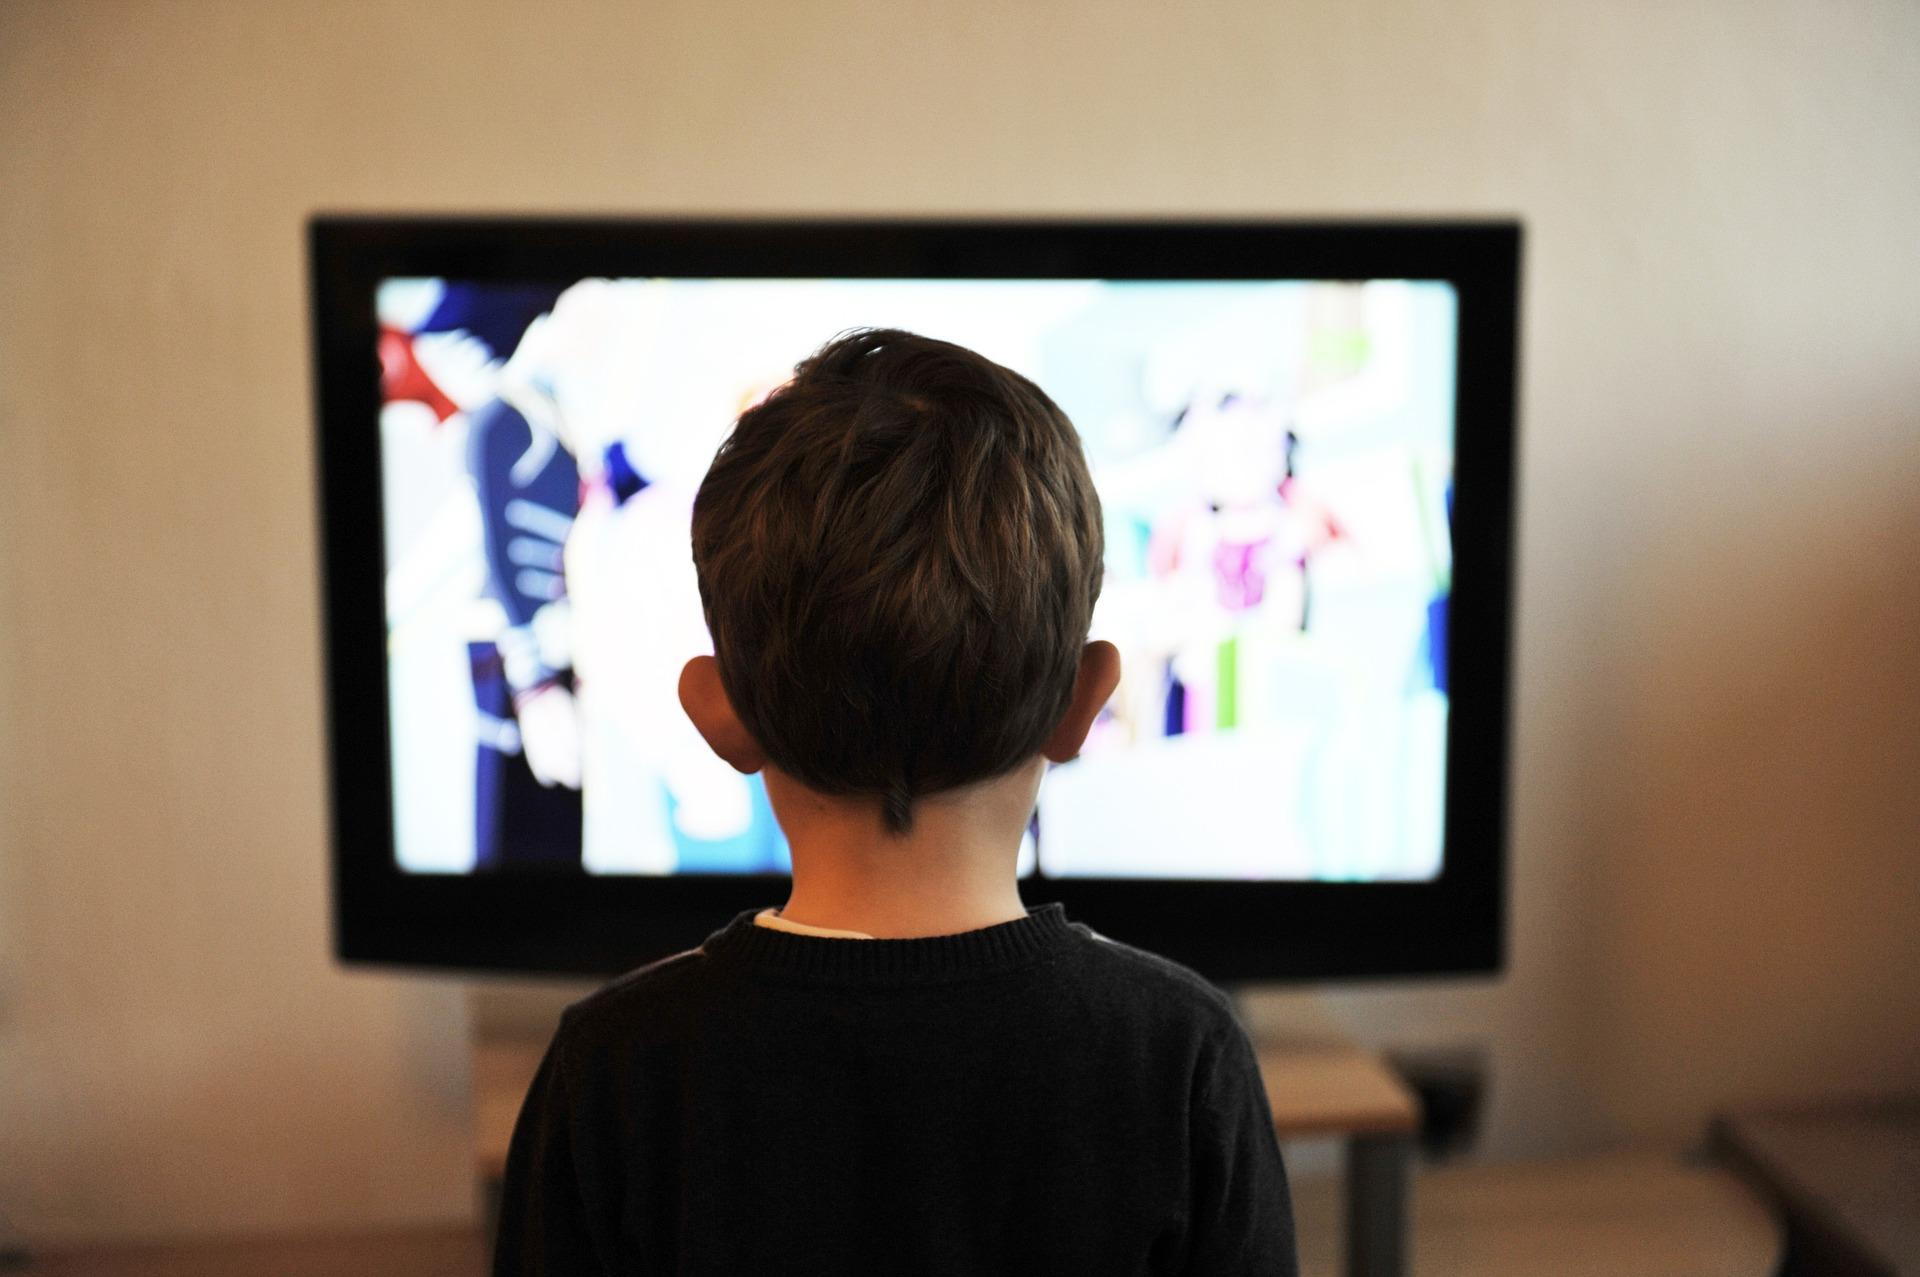 TVを観ている少年